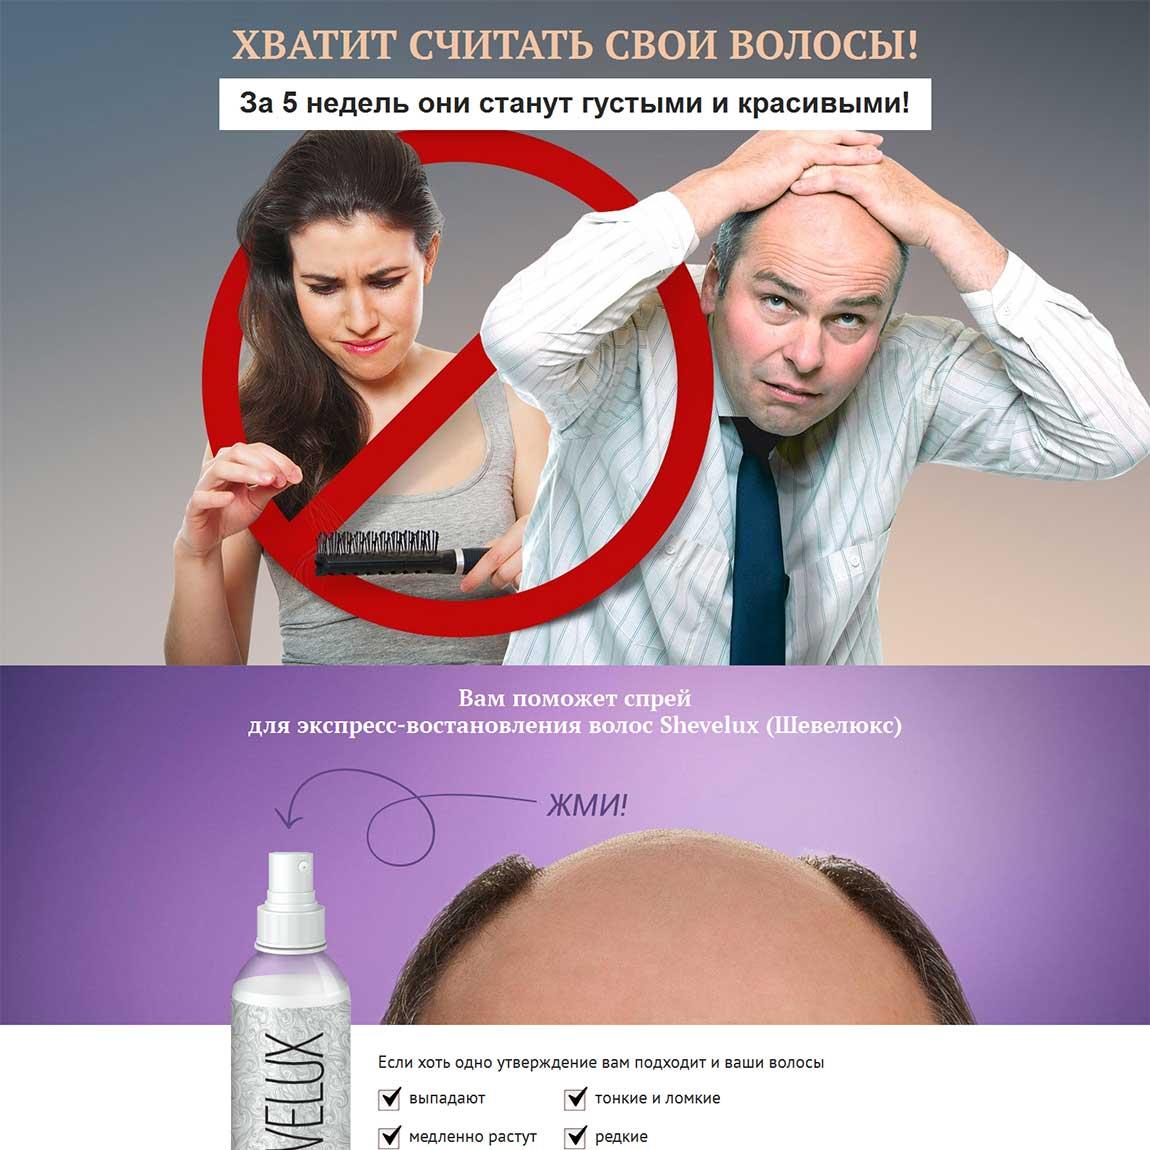 Миниатюра Лендинга Спрей для экспресс-востановления волос Shevelux 001